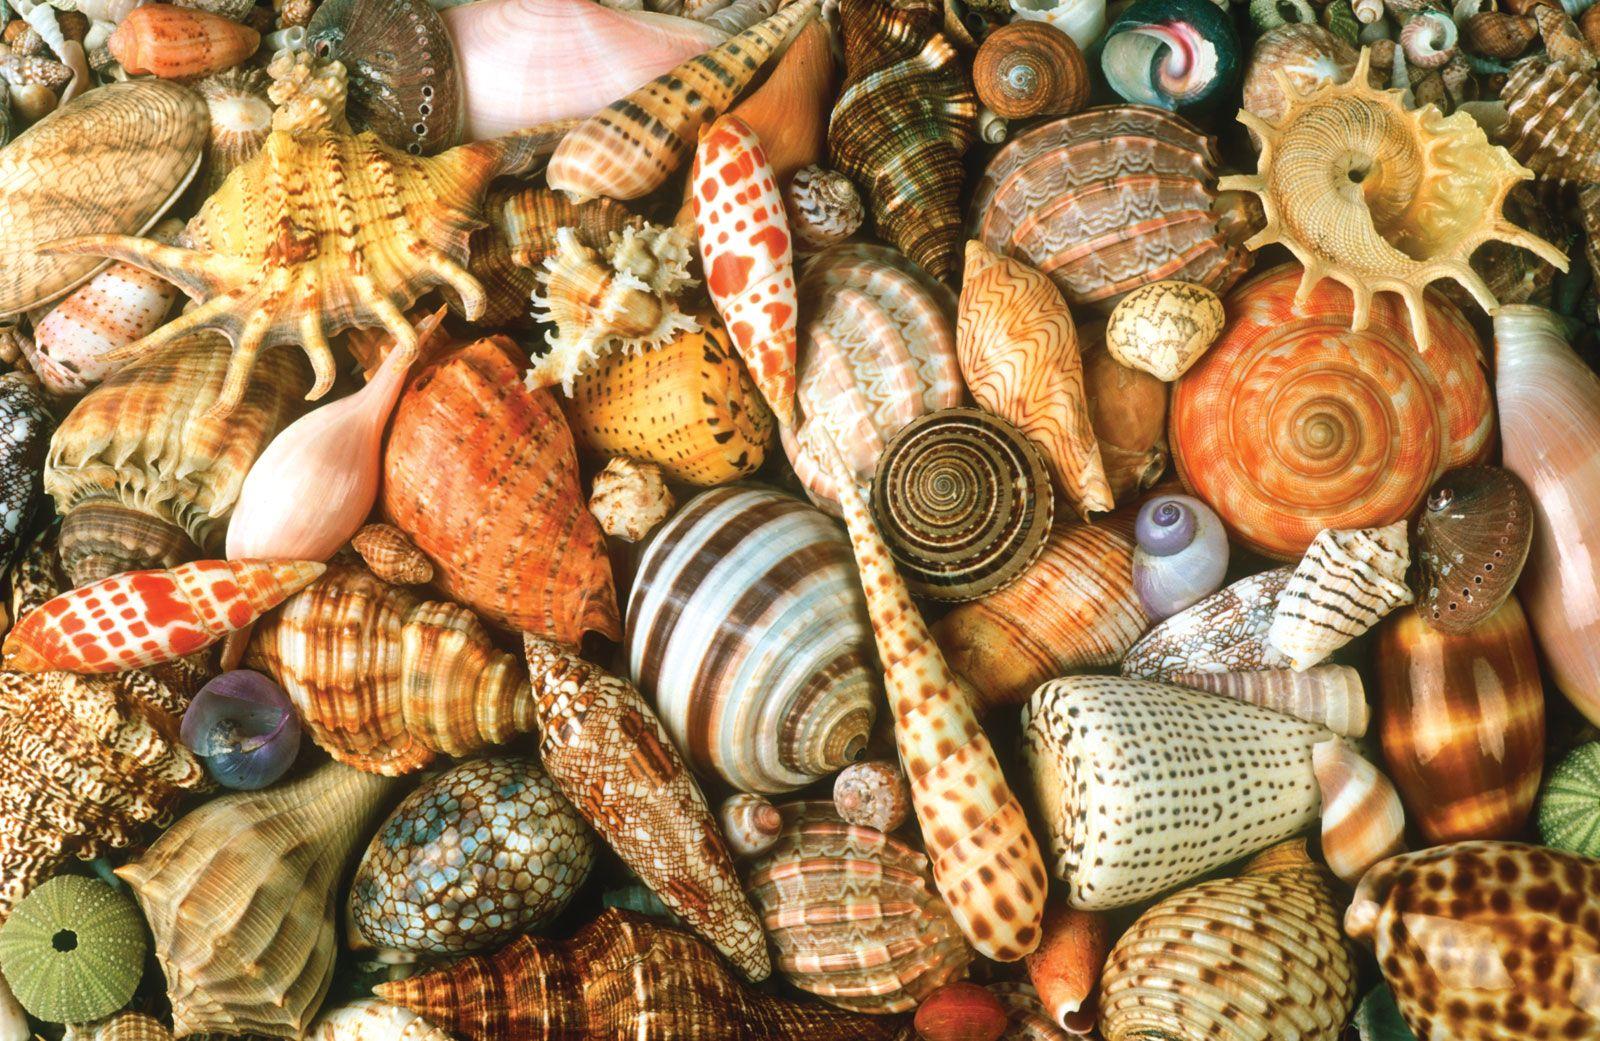 A Magia do Mar #3: Usando as Conchas